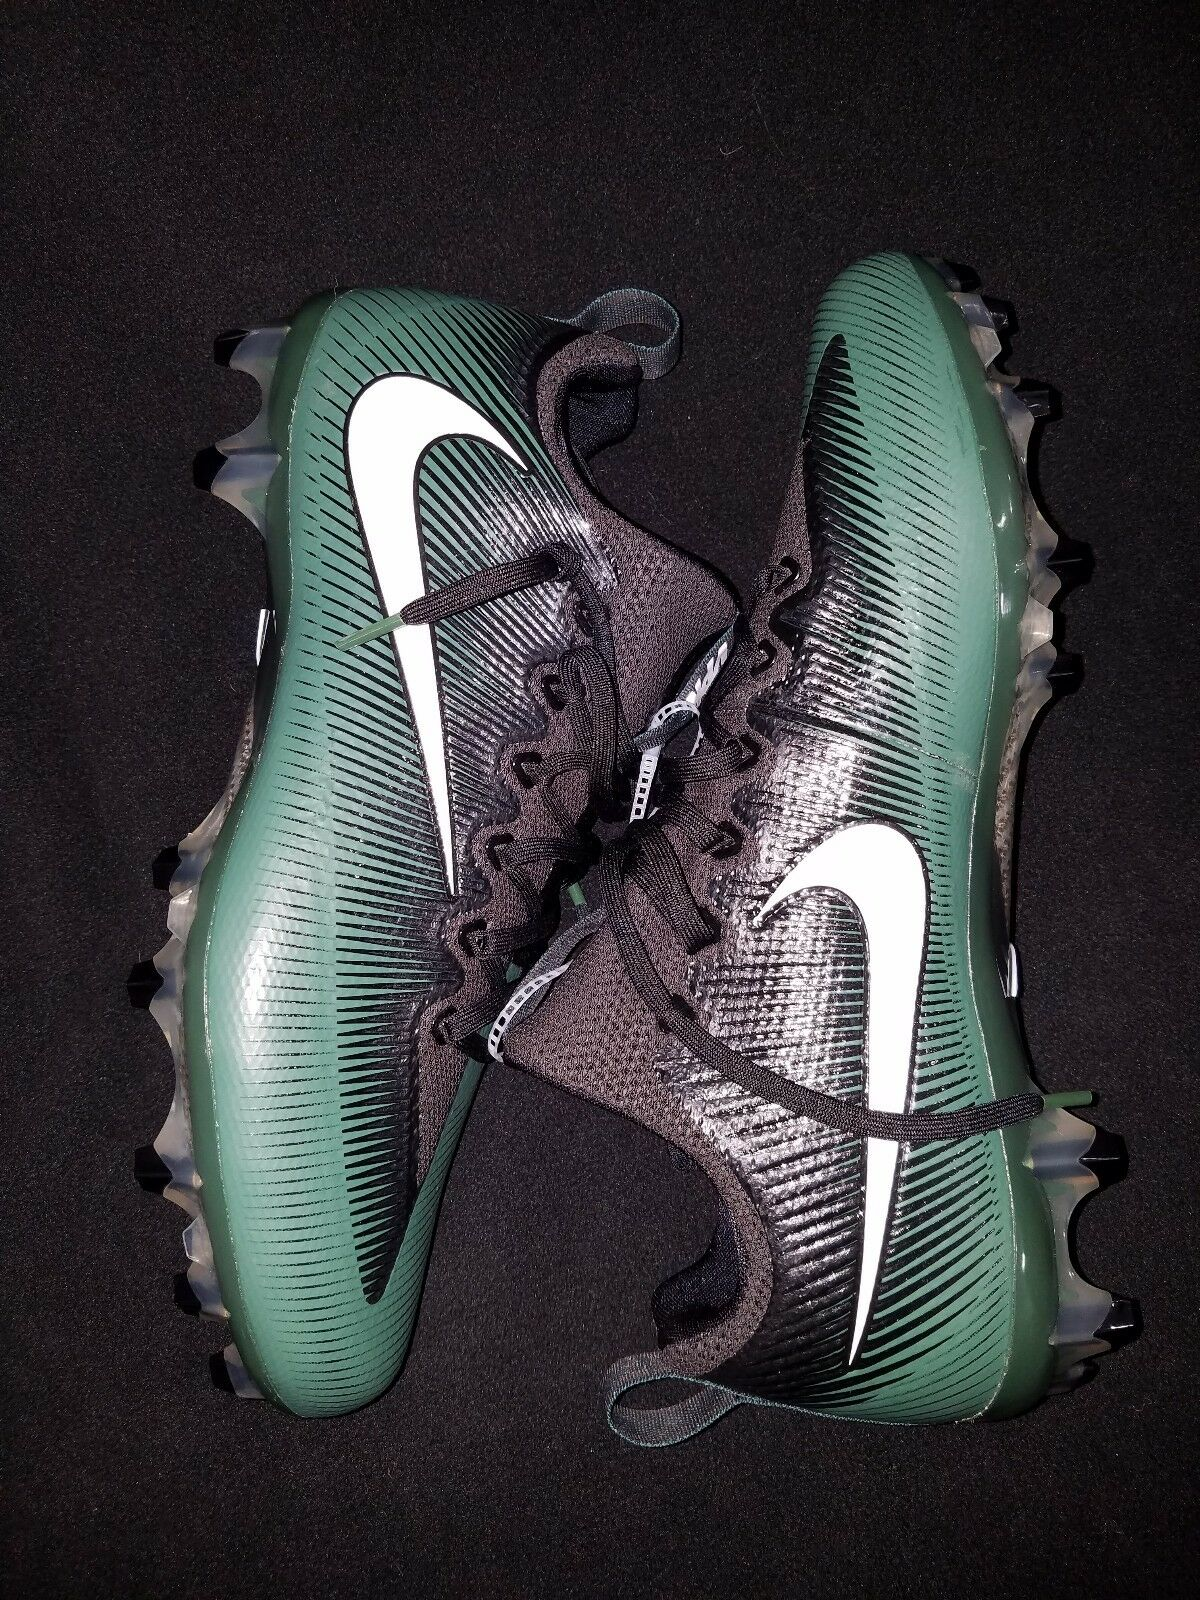 Nouveau Nike Vapor Untouchable Pro VPR Football Crampons Noir Vert Taille 12  NEUF sans boîte